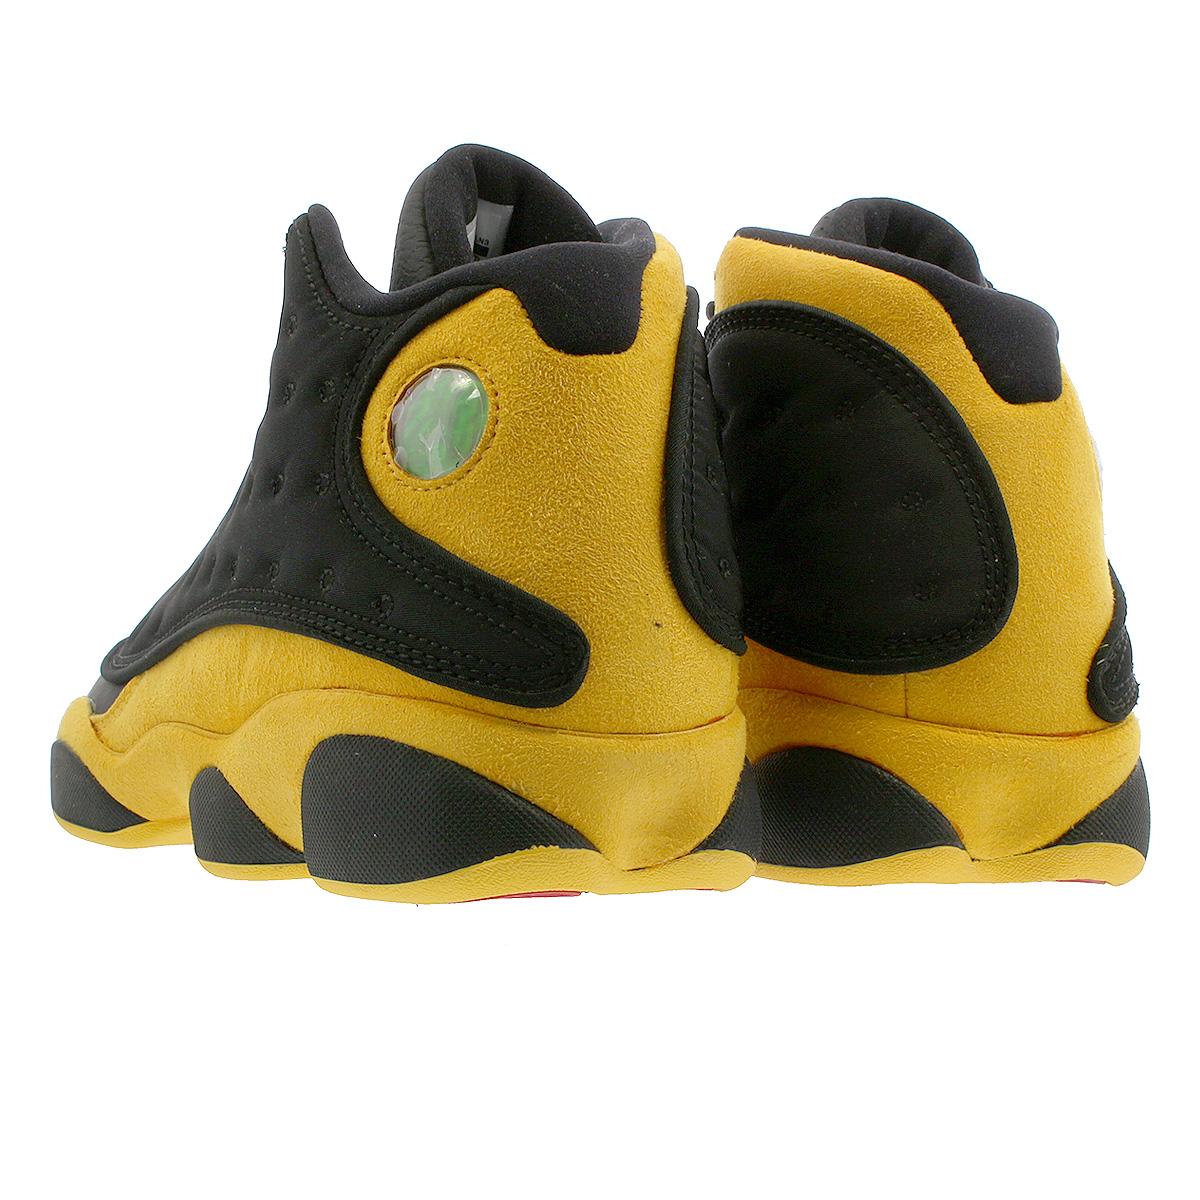 brand new 3202e 94f21 NIKE AIR JORDAN 13 RETRO Nike Air Jordan 13 nostalgic BLACK/UNIVERSITY  RED/UNIVERSITY GOLD 414,571-035